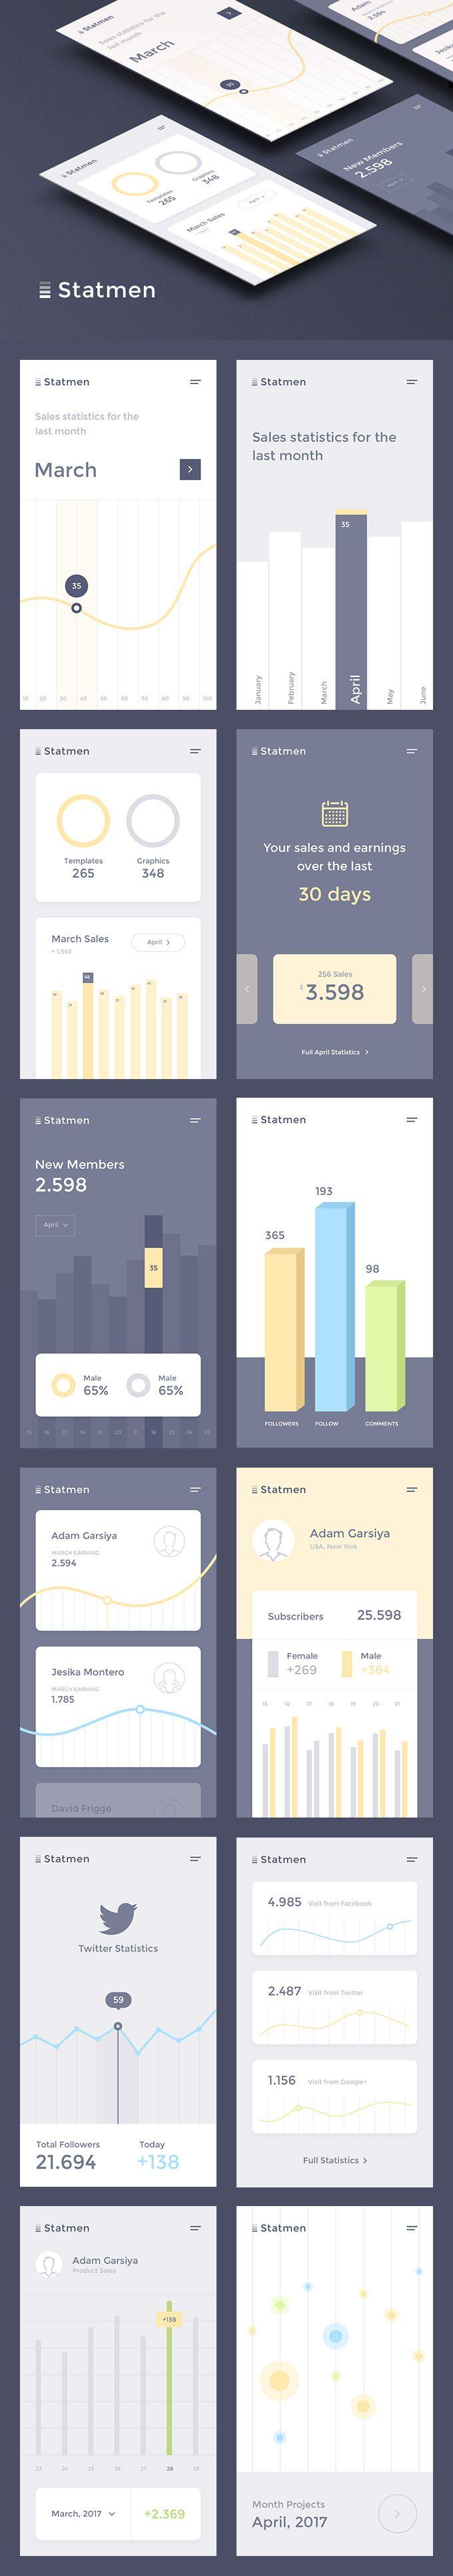 Statmen Statistic iOS UI Kit — download free ui kits by PixelBuddha